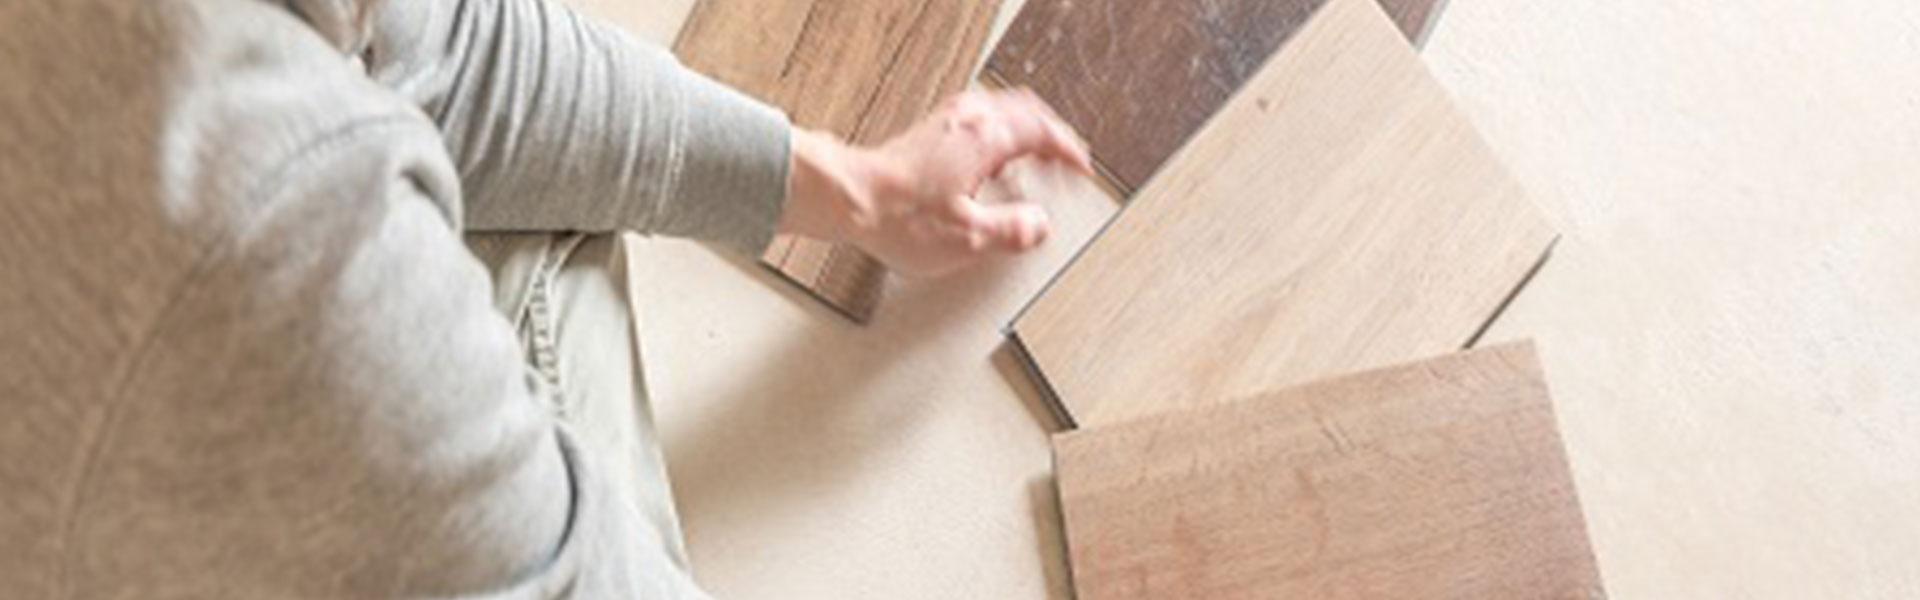 Auswahl an Musterplatten für den Fussboden